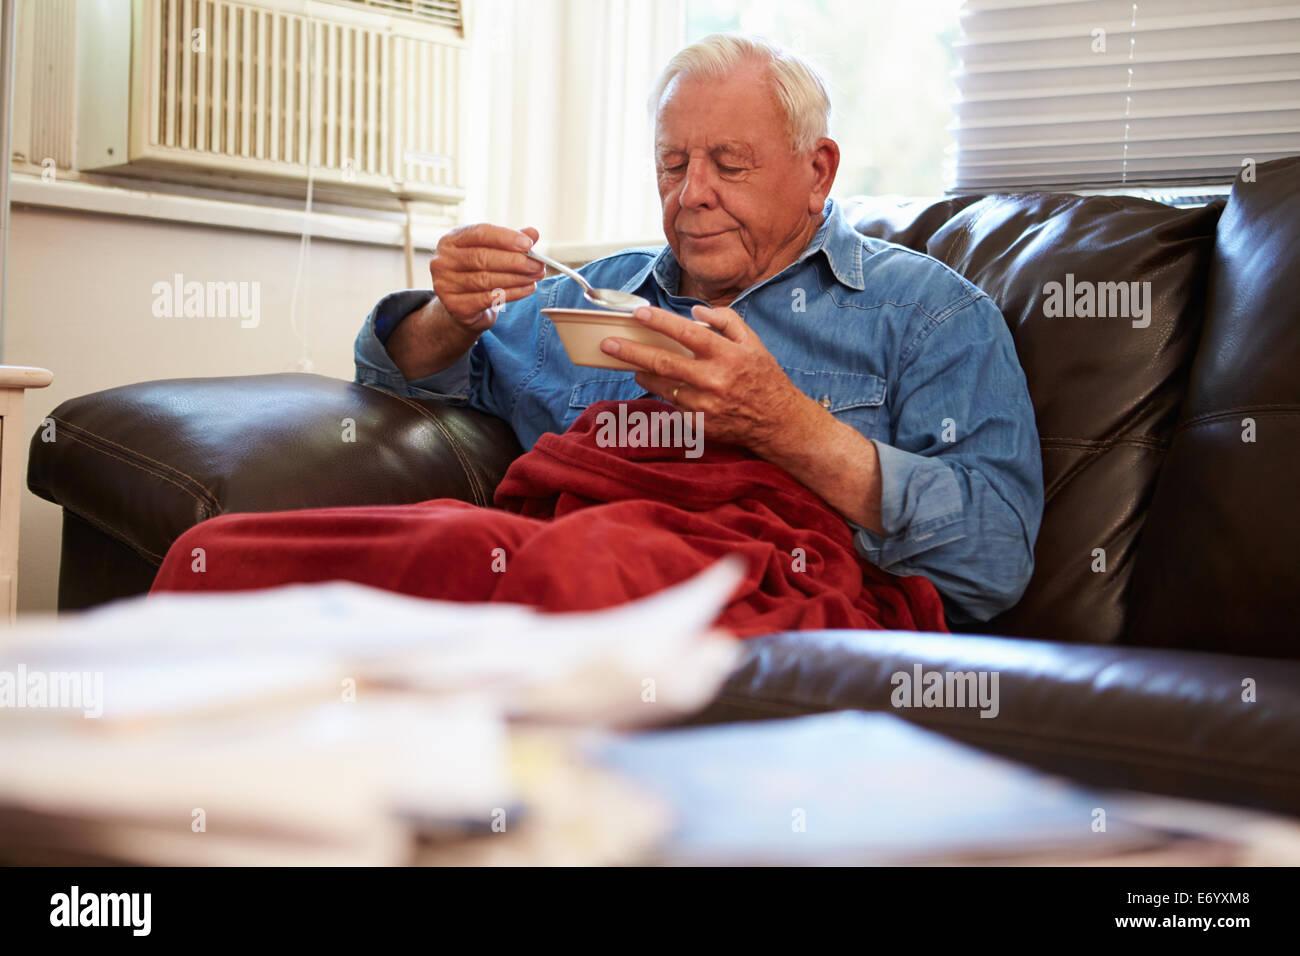 Ältere Mann mit schlechter Ernährung unter Decke Warm zu halten Stockbild